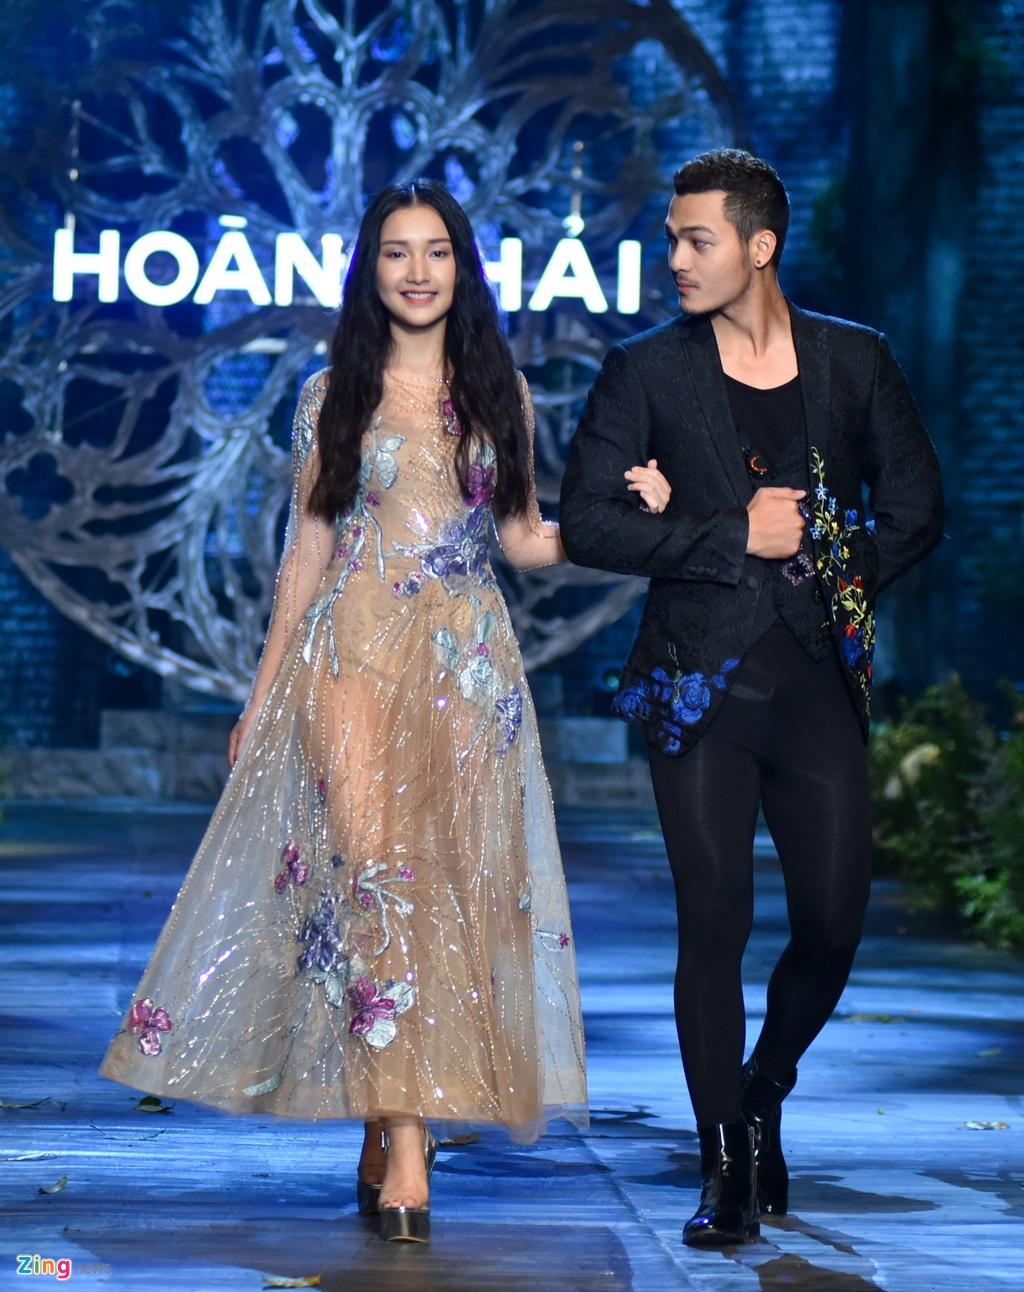 Hoa hau Phap va Do My Linh quyen ru khi lam vedette o show Hoang Hai hinh anh 9